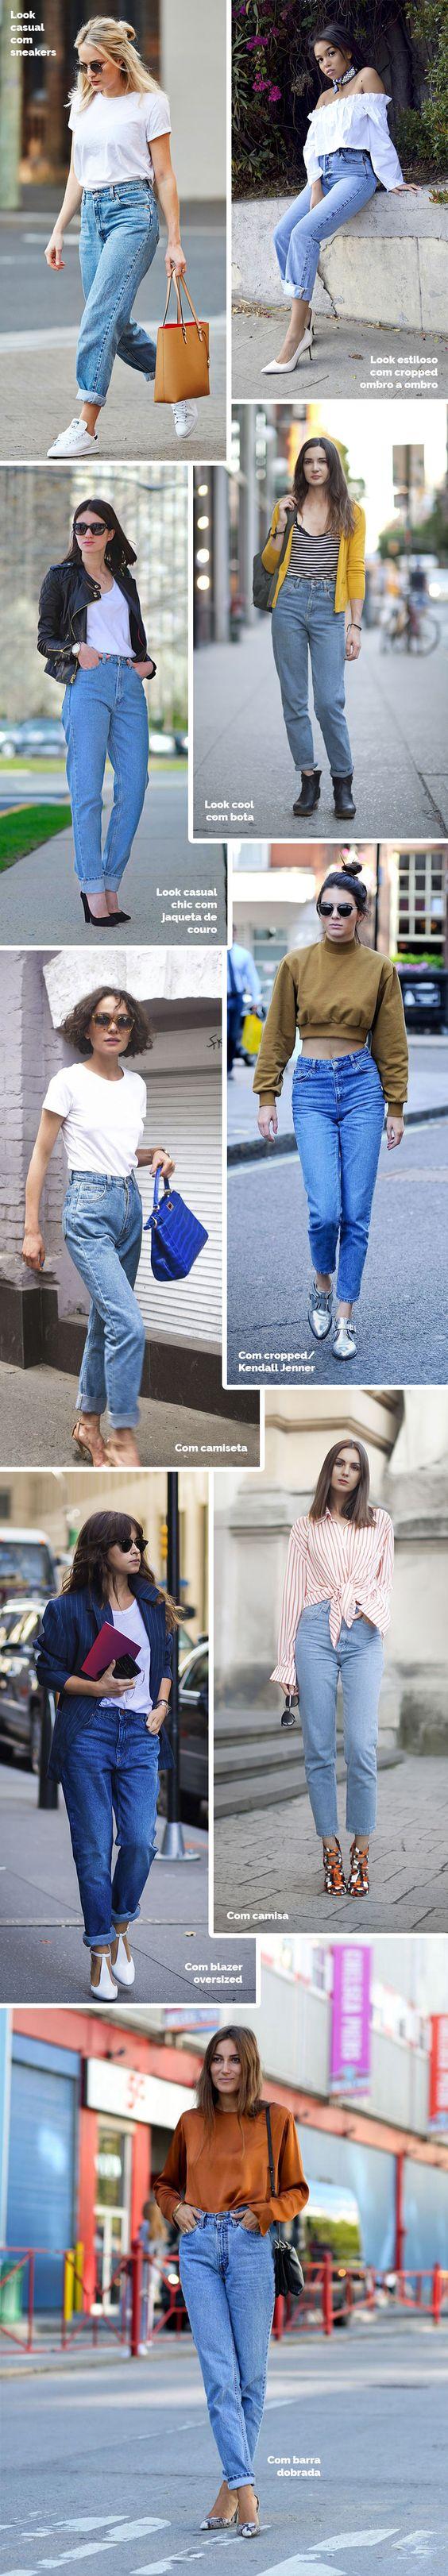 Layla Monteiro como usar mom jeans. Calça de cintura alta, tendência nos anos 80, que voltou com tudo! Perfeita para usar com t-shirt branca, moletom, camisa, jaqueta, entre outros.